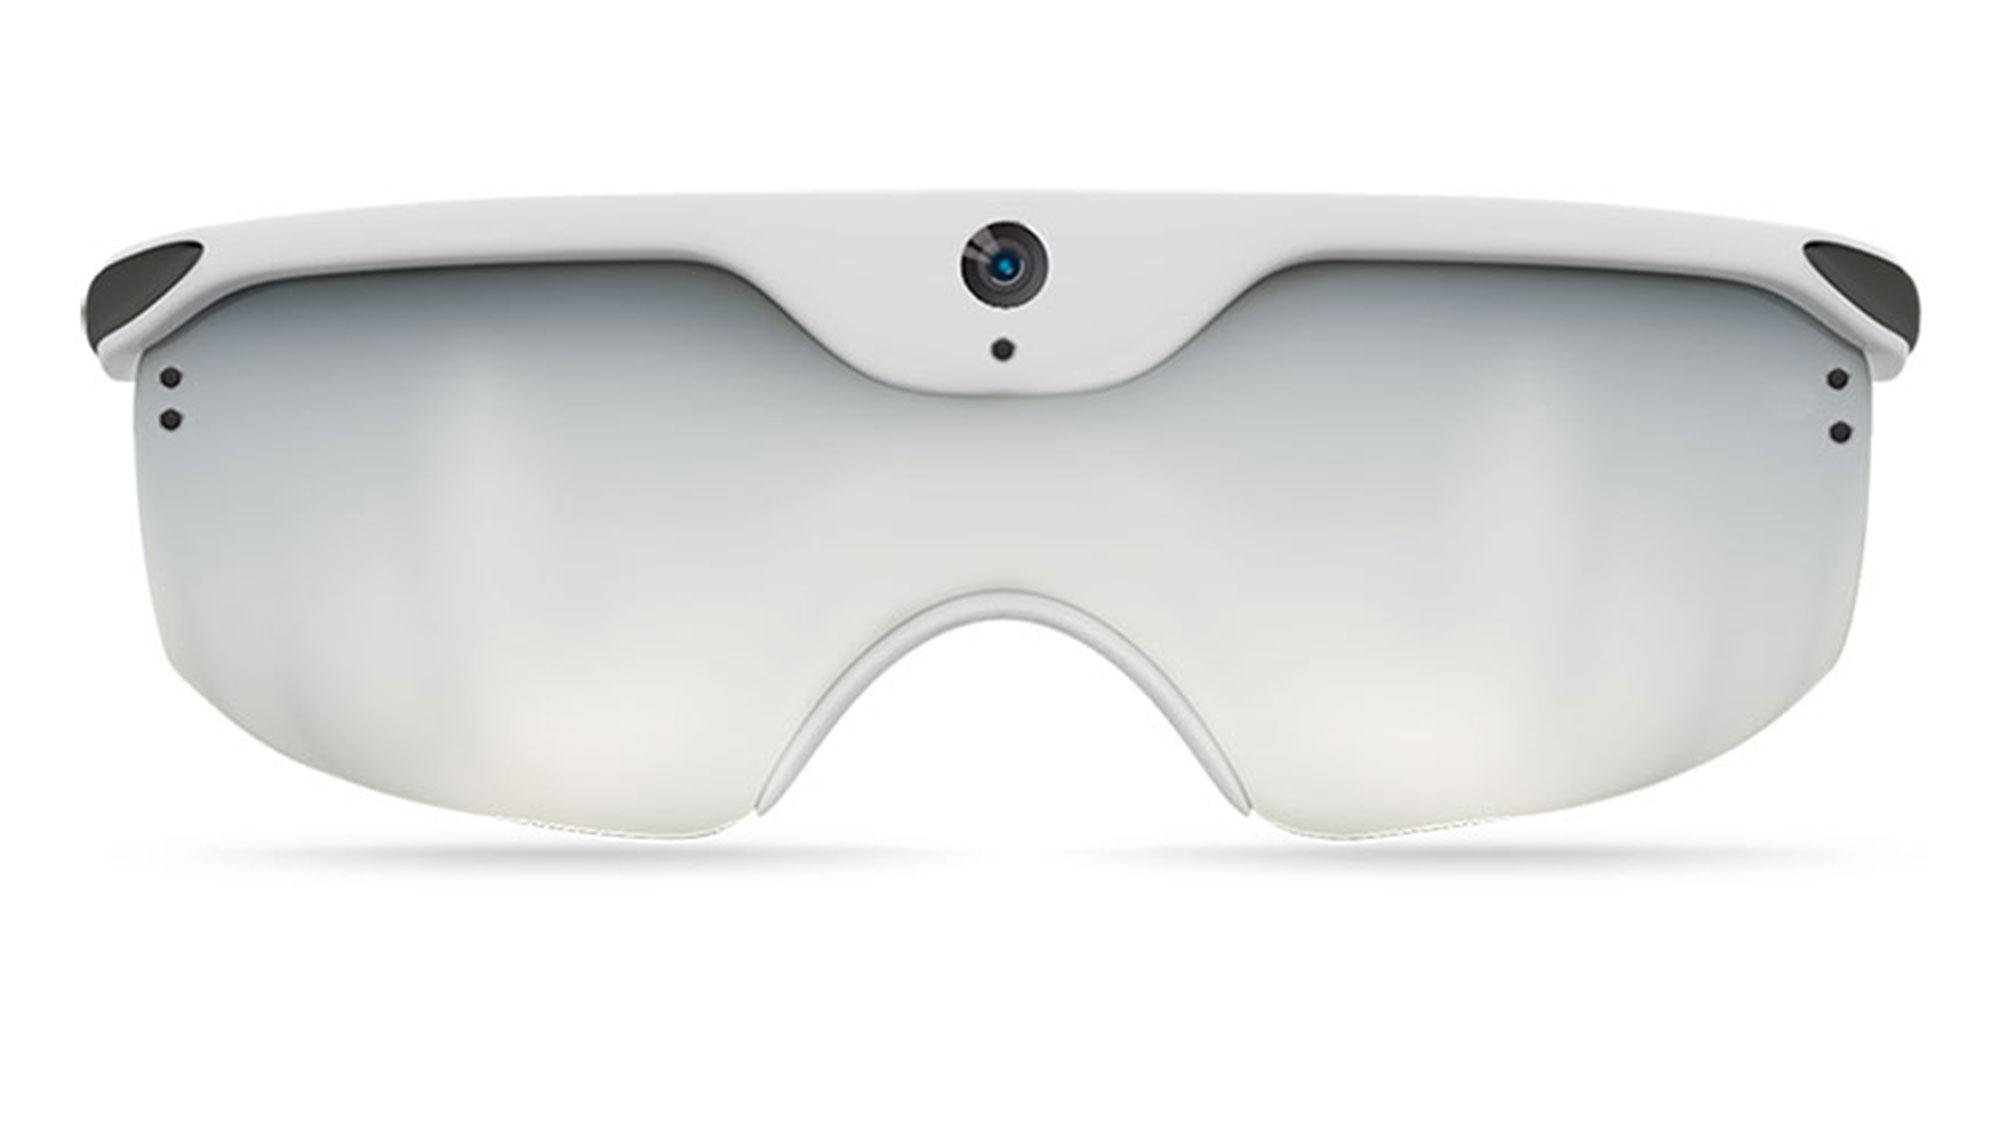 郭明錤:苹果或将推出 MR 设备,提供虚实整合体验